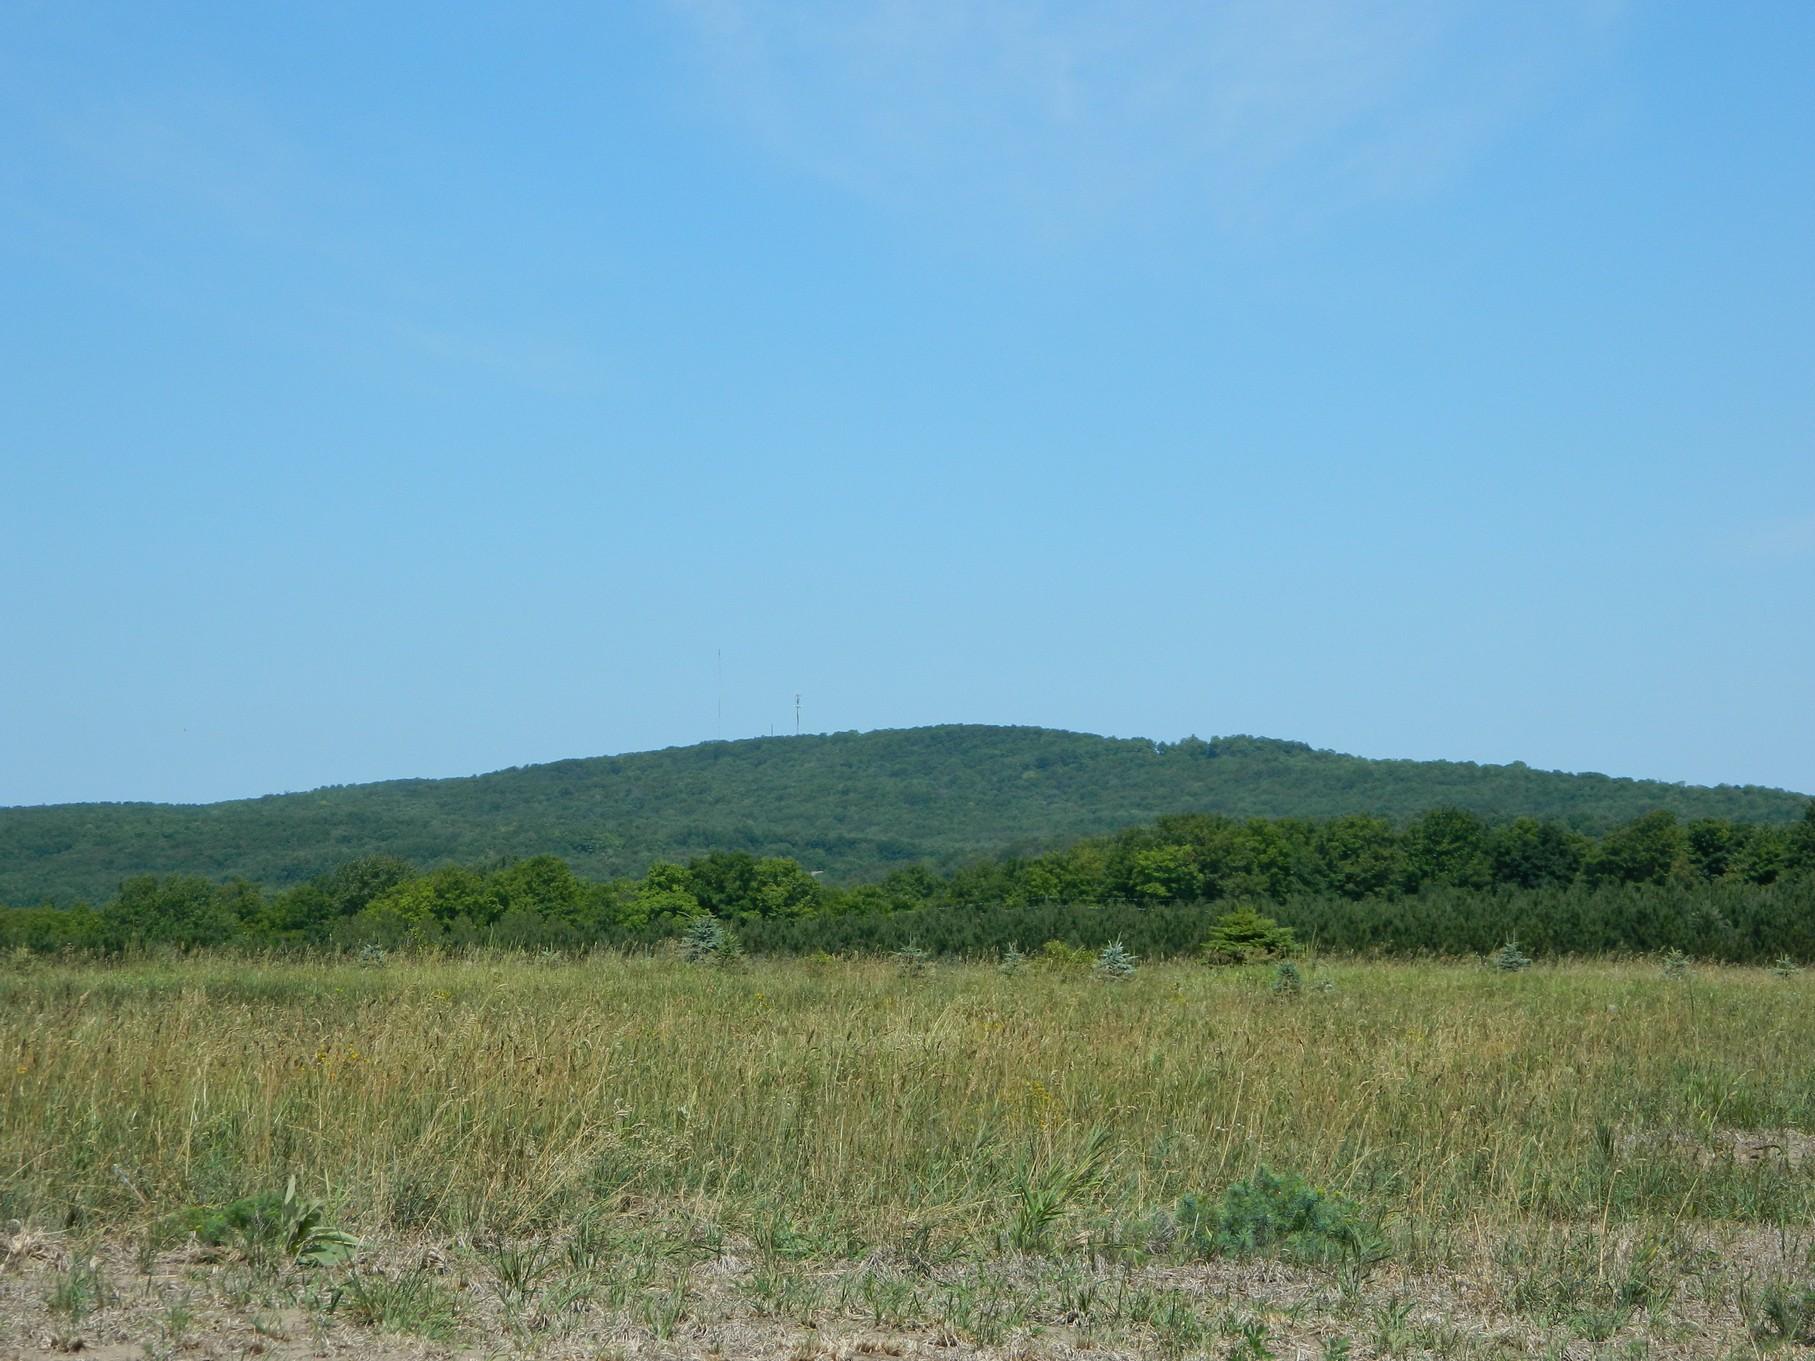 Land for Sale at Broken Ridge Lot 12 7875 Lindy Lane Harbor Springs, Michigan, 49740 United States